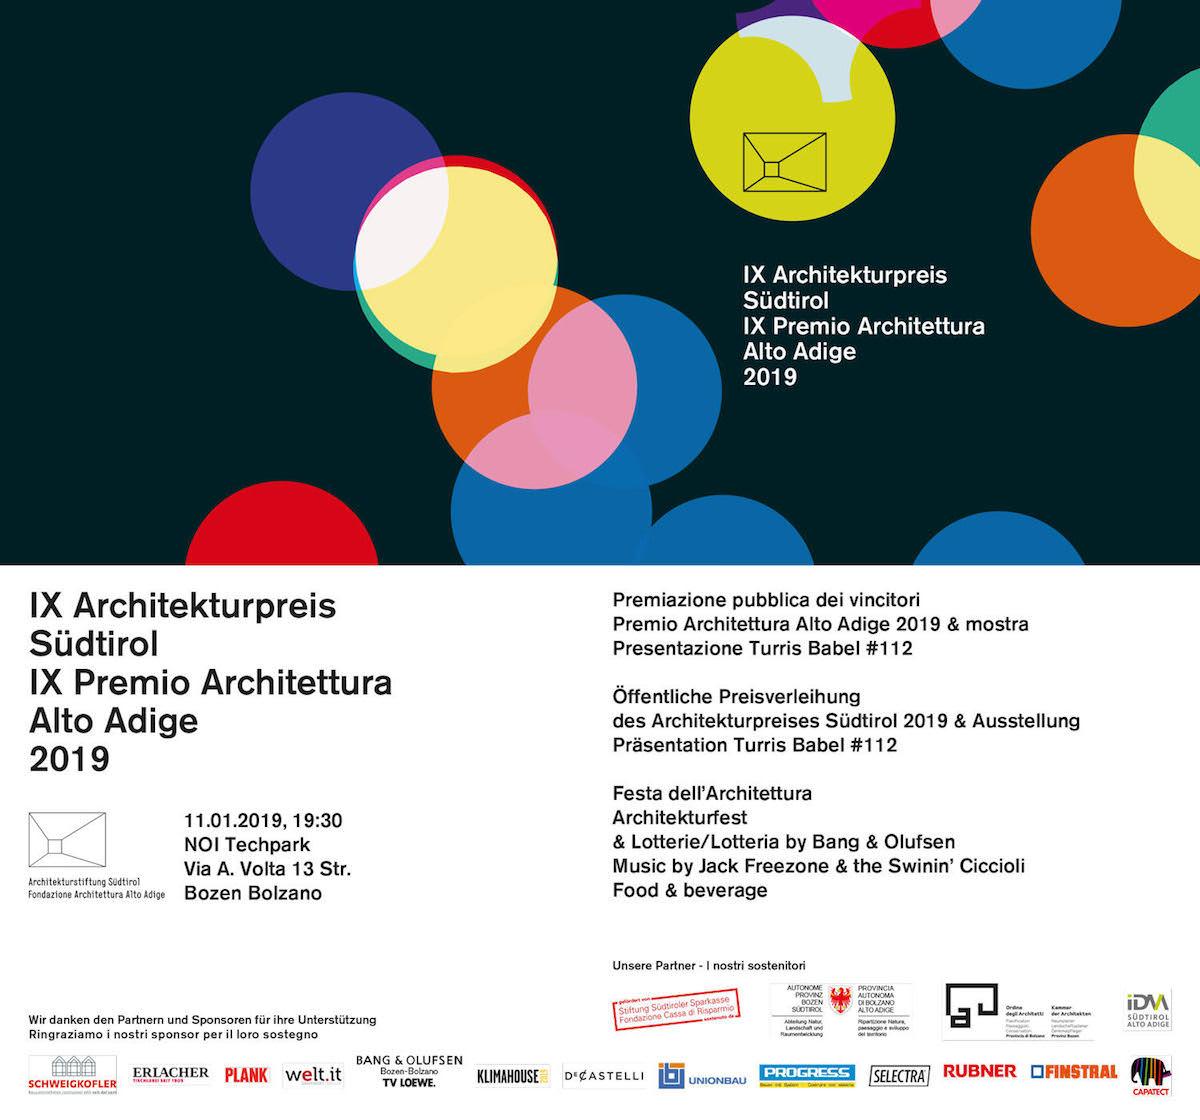 Premio Architettura Alto Adige